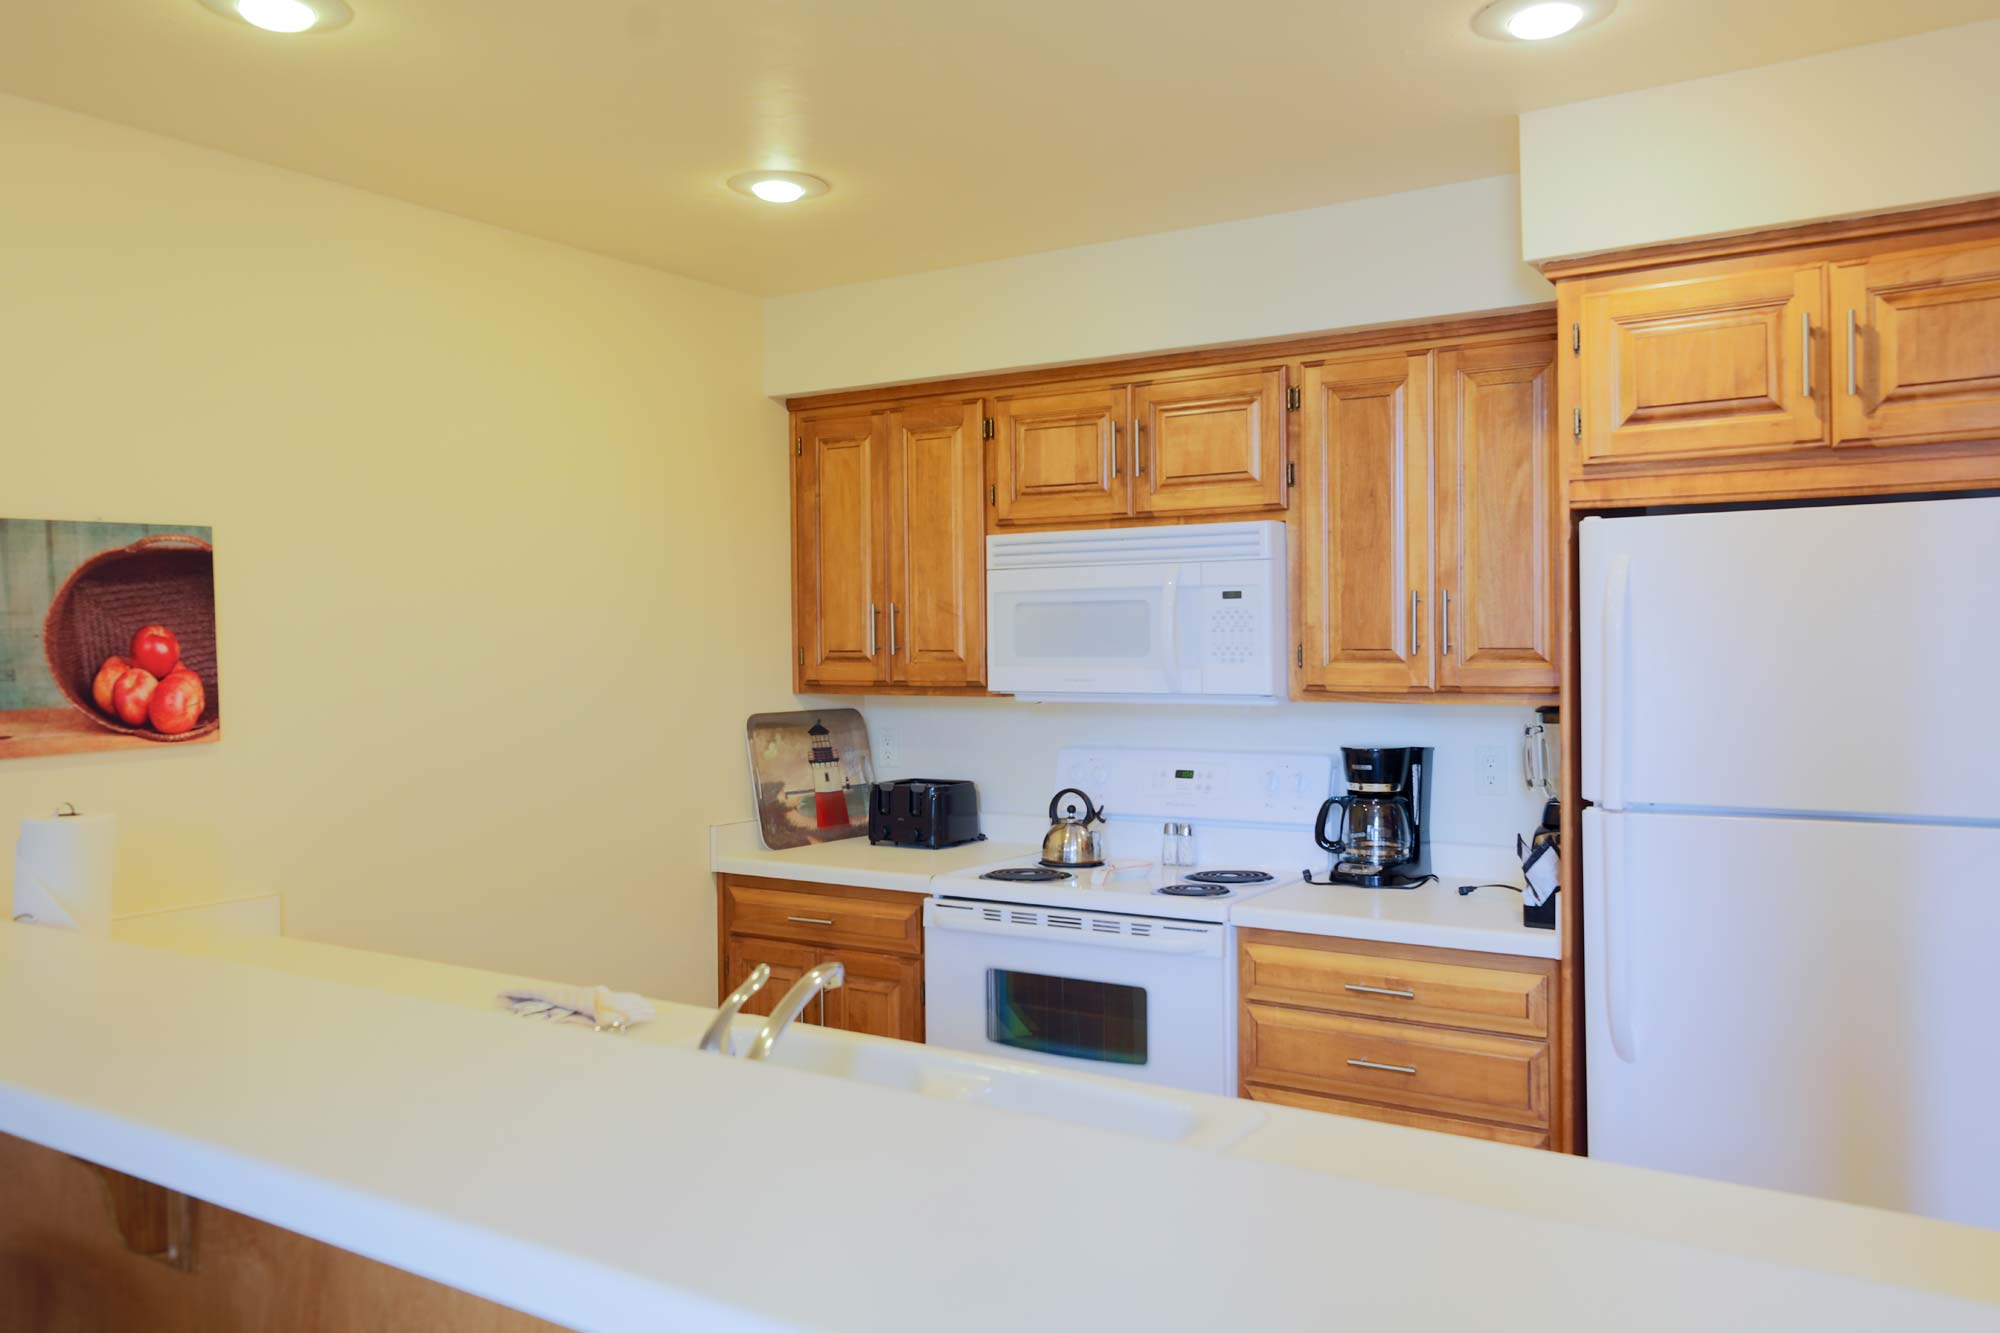 Kitchen of Luxury Three Bedroom Vacation Rental at Door County Hotel